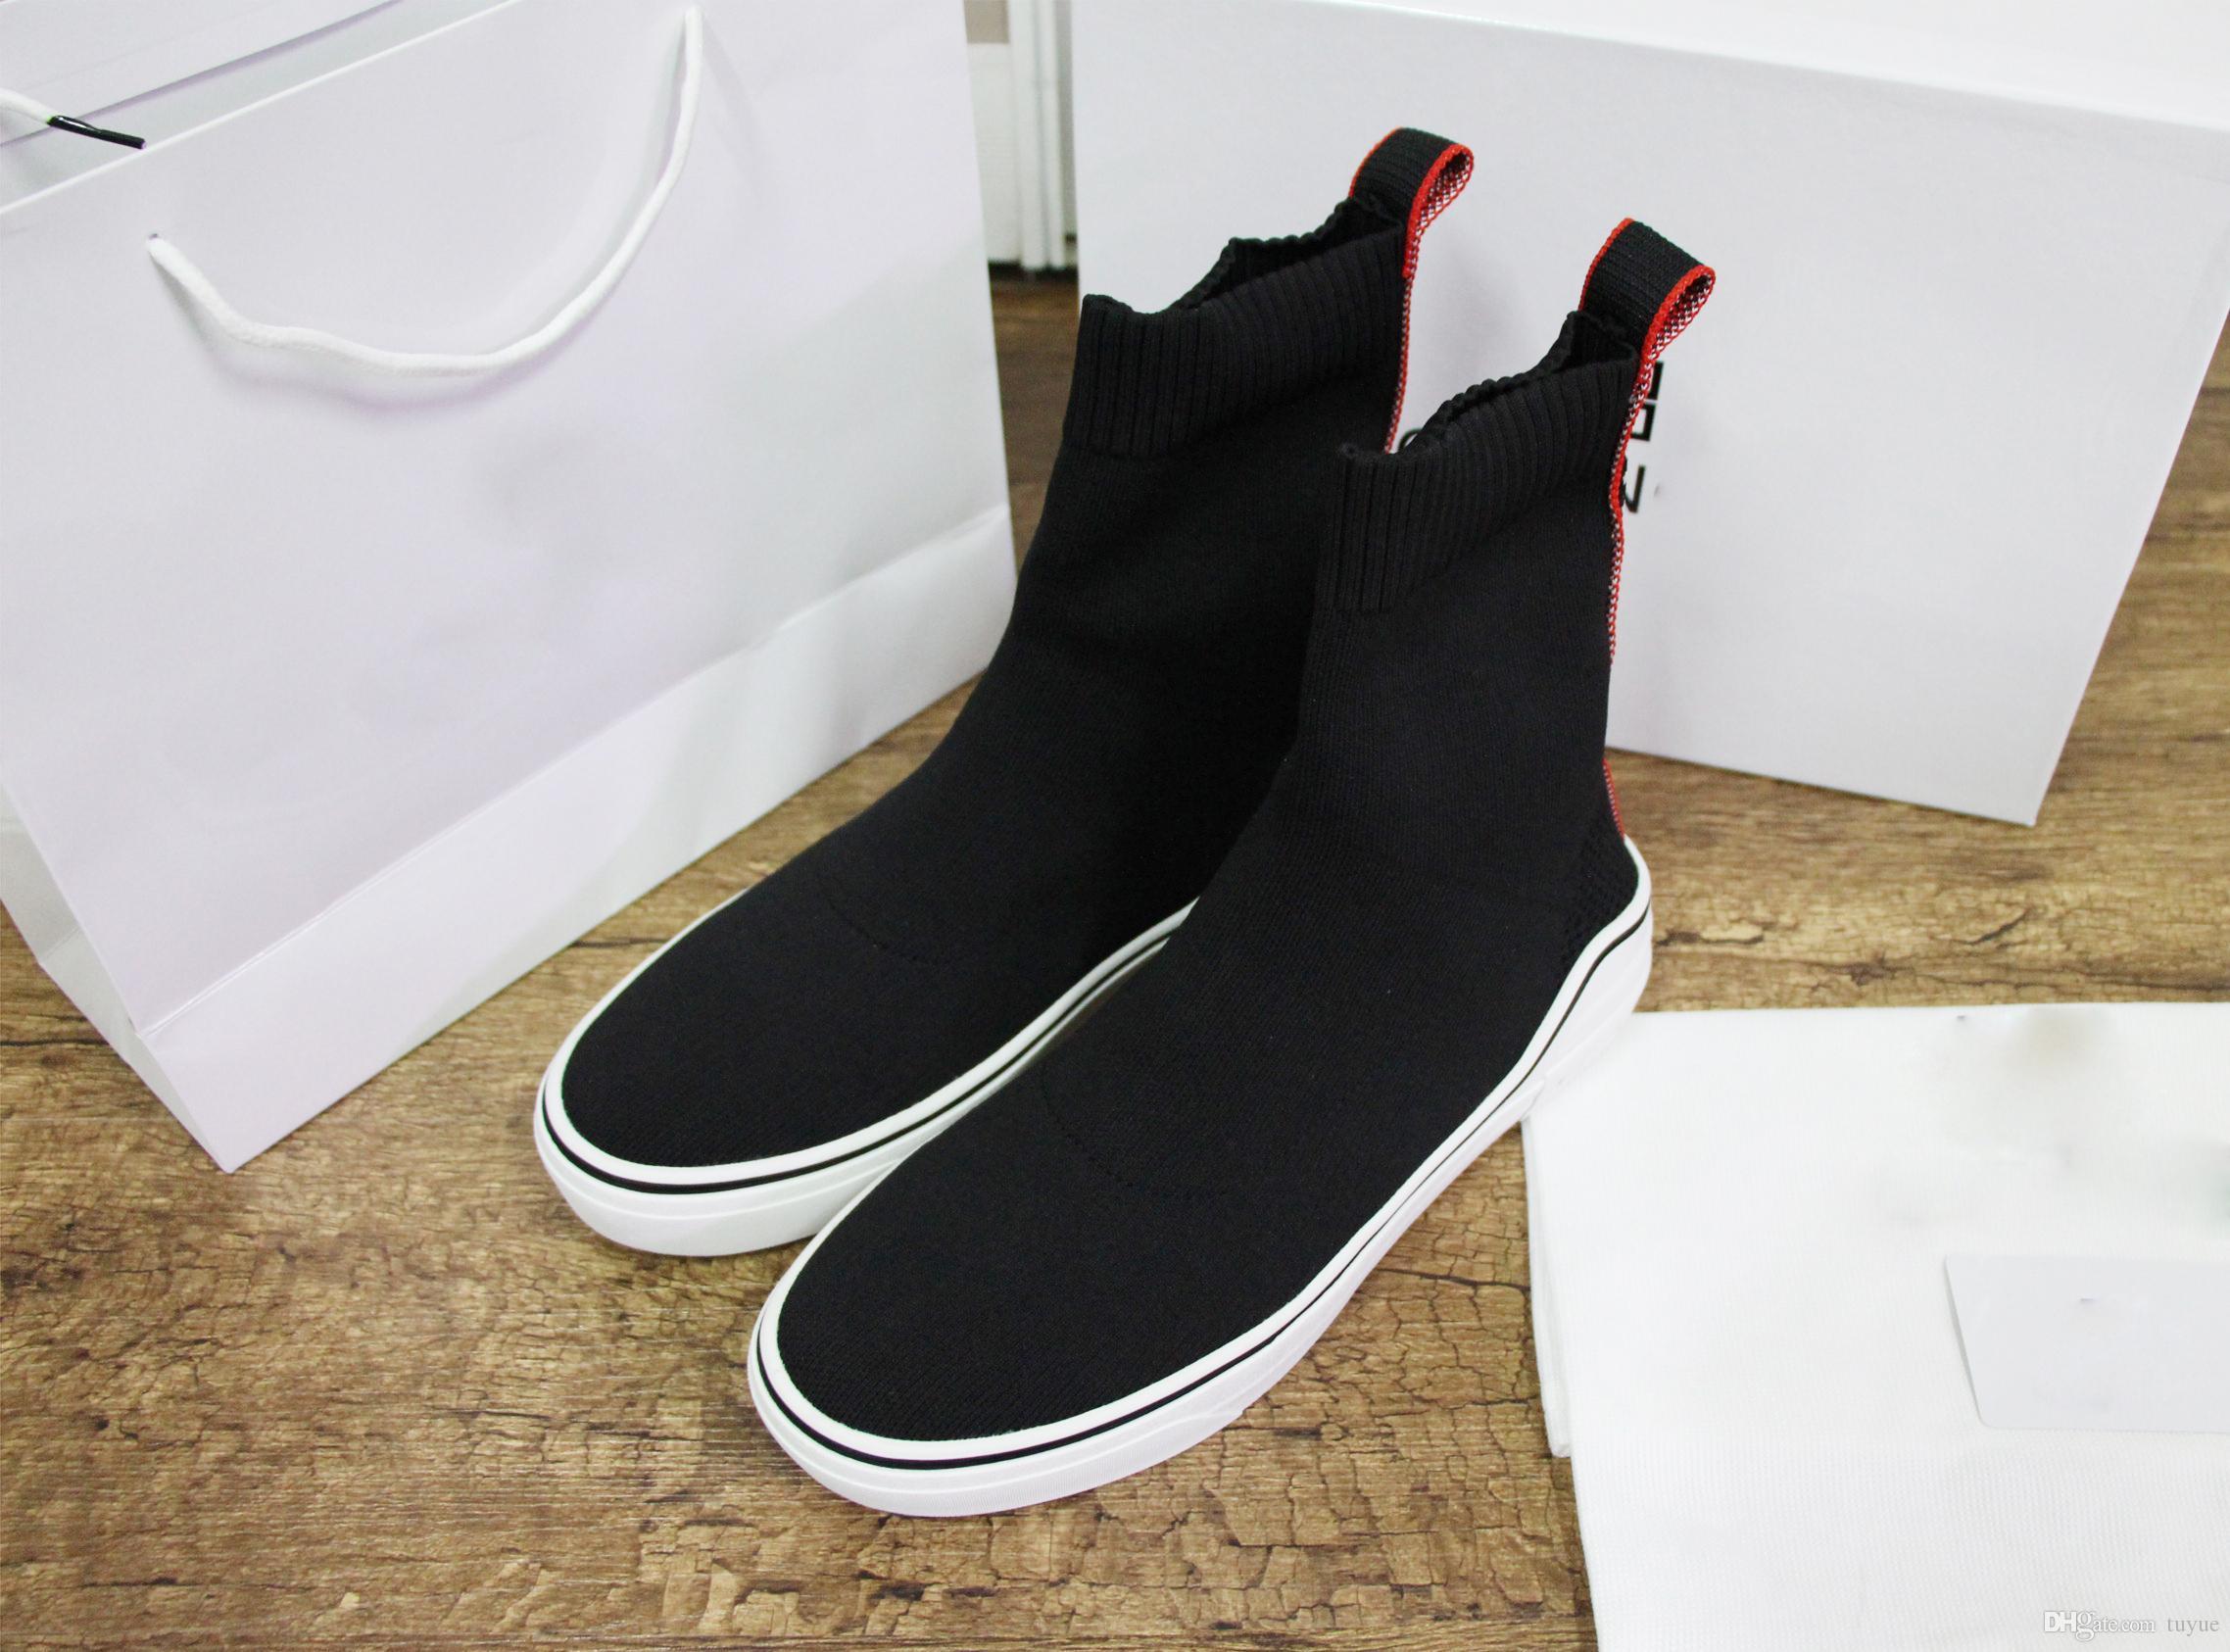 7c25f05bccc Compre Punto Medias Zapatillas De Deporte De Diseño Zapatos De La Parte  Superior Jacquard Marca Zapatillas De Deporte De Alta Calidad Para Hombres  Mujeres ...